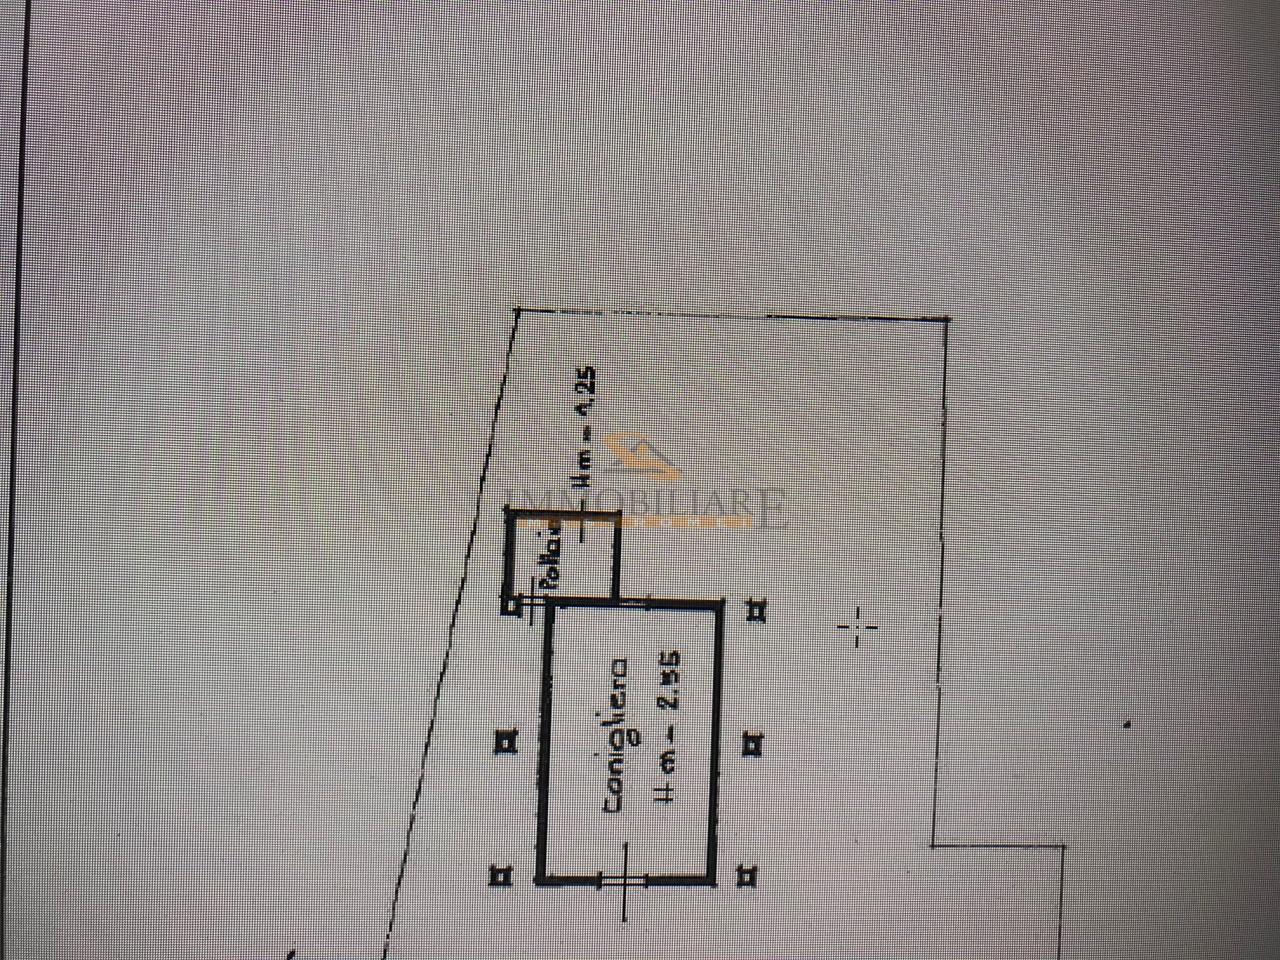 Planimetria_22